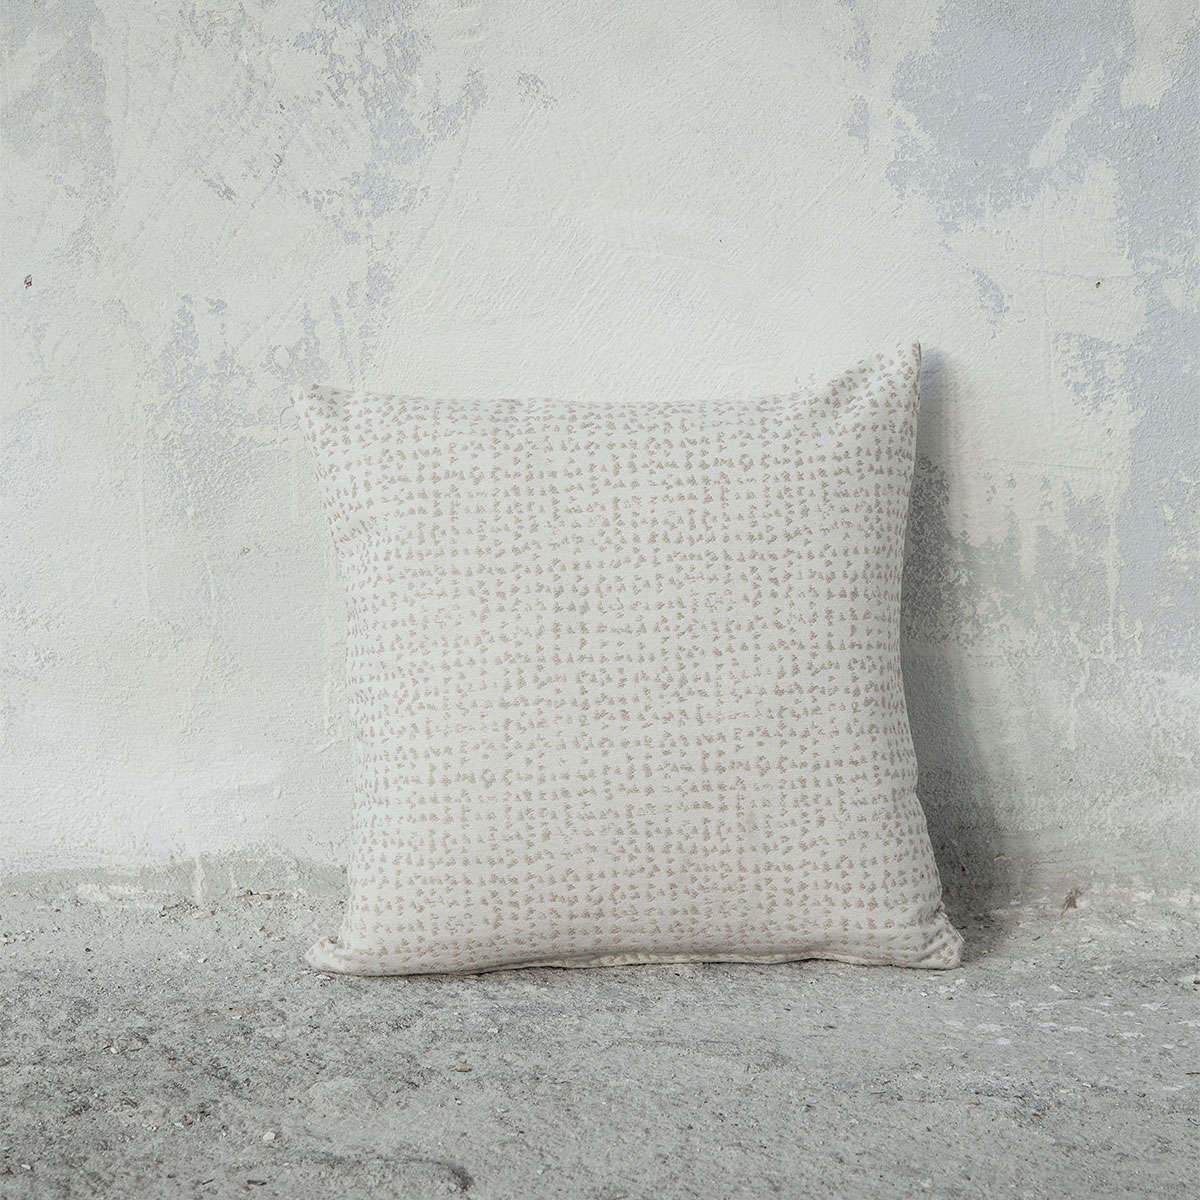 Μαξιλάρι Διακοσμητικό (Με Γέμιση) - Boon Beige Nima 45X45 Βαμβάκι-Polyester